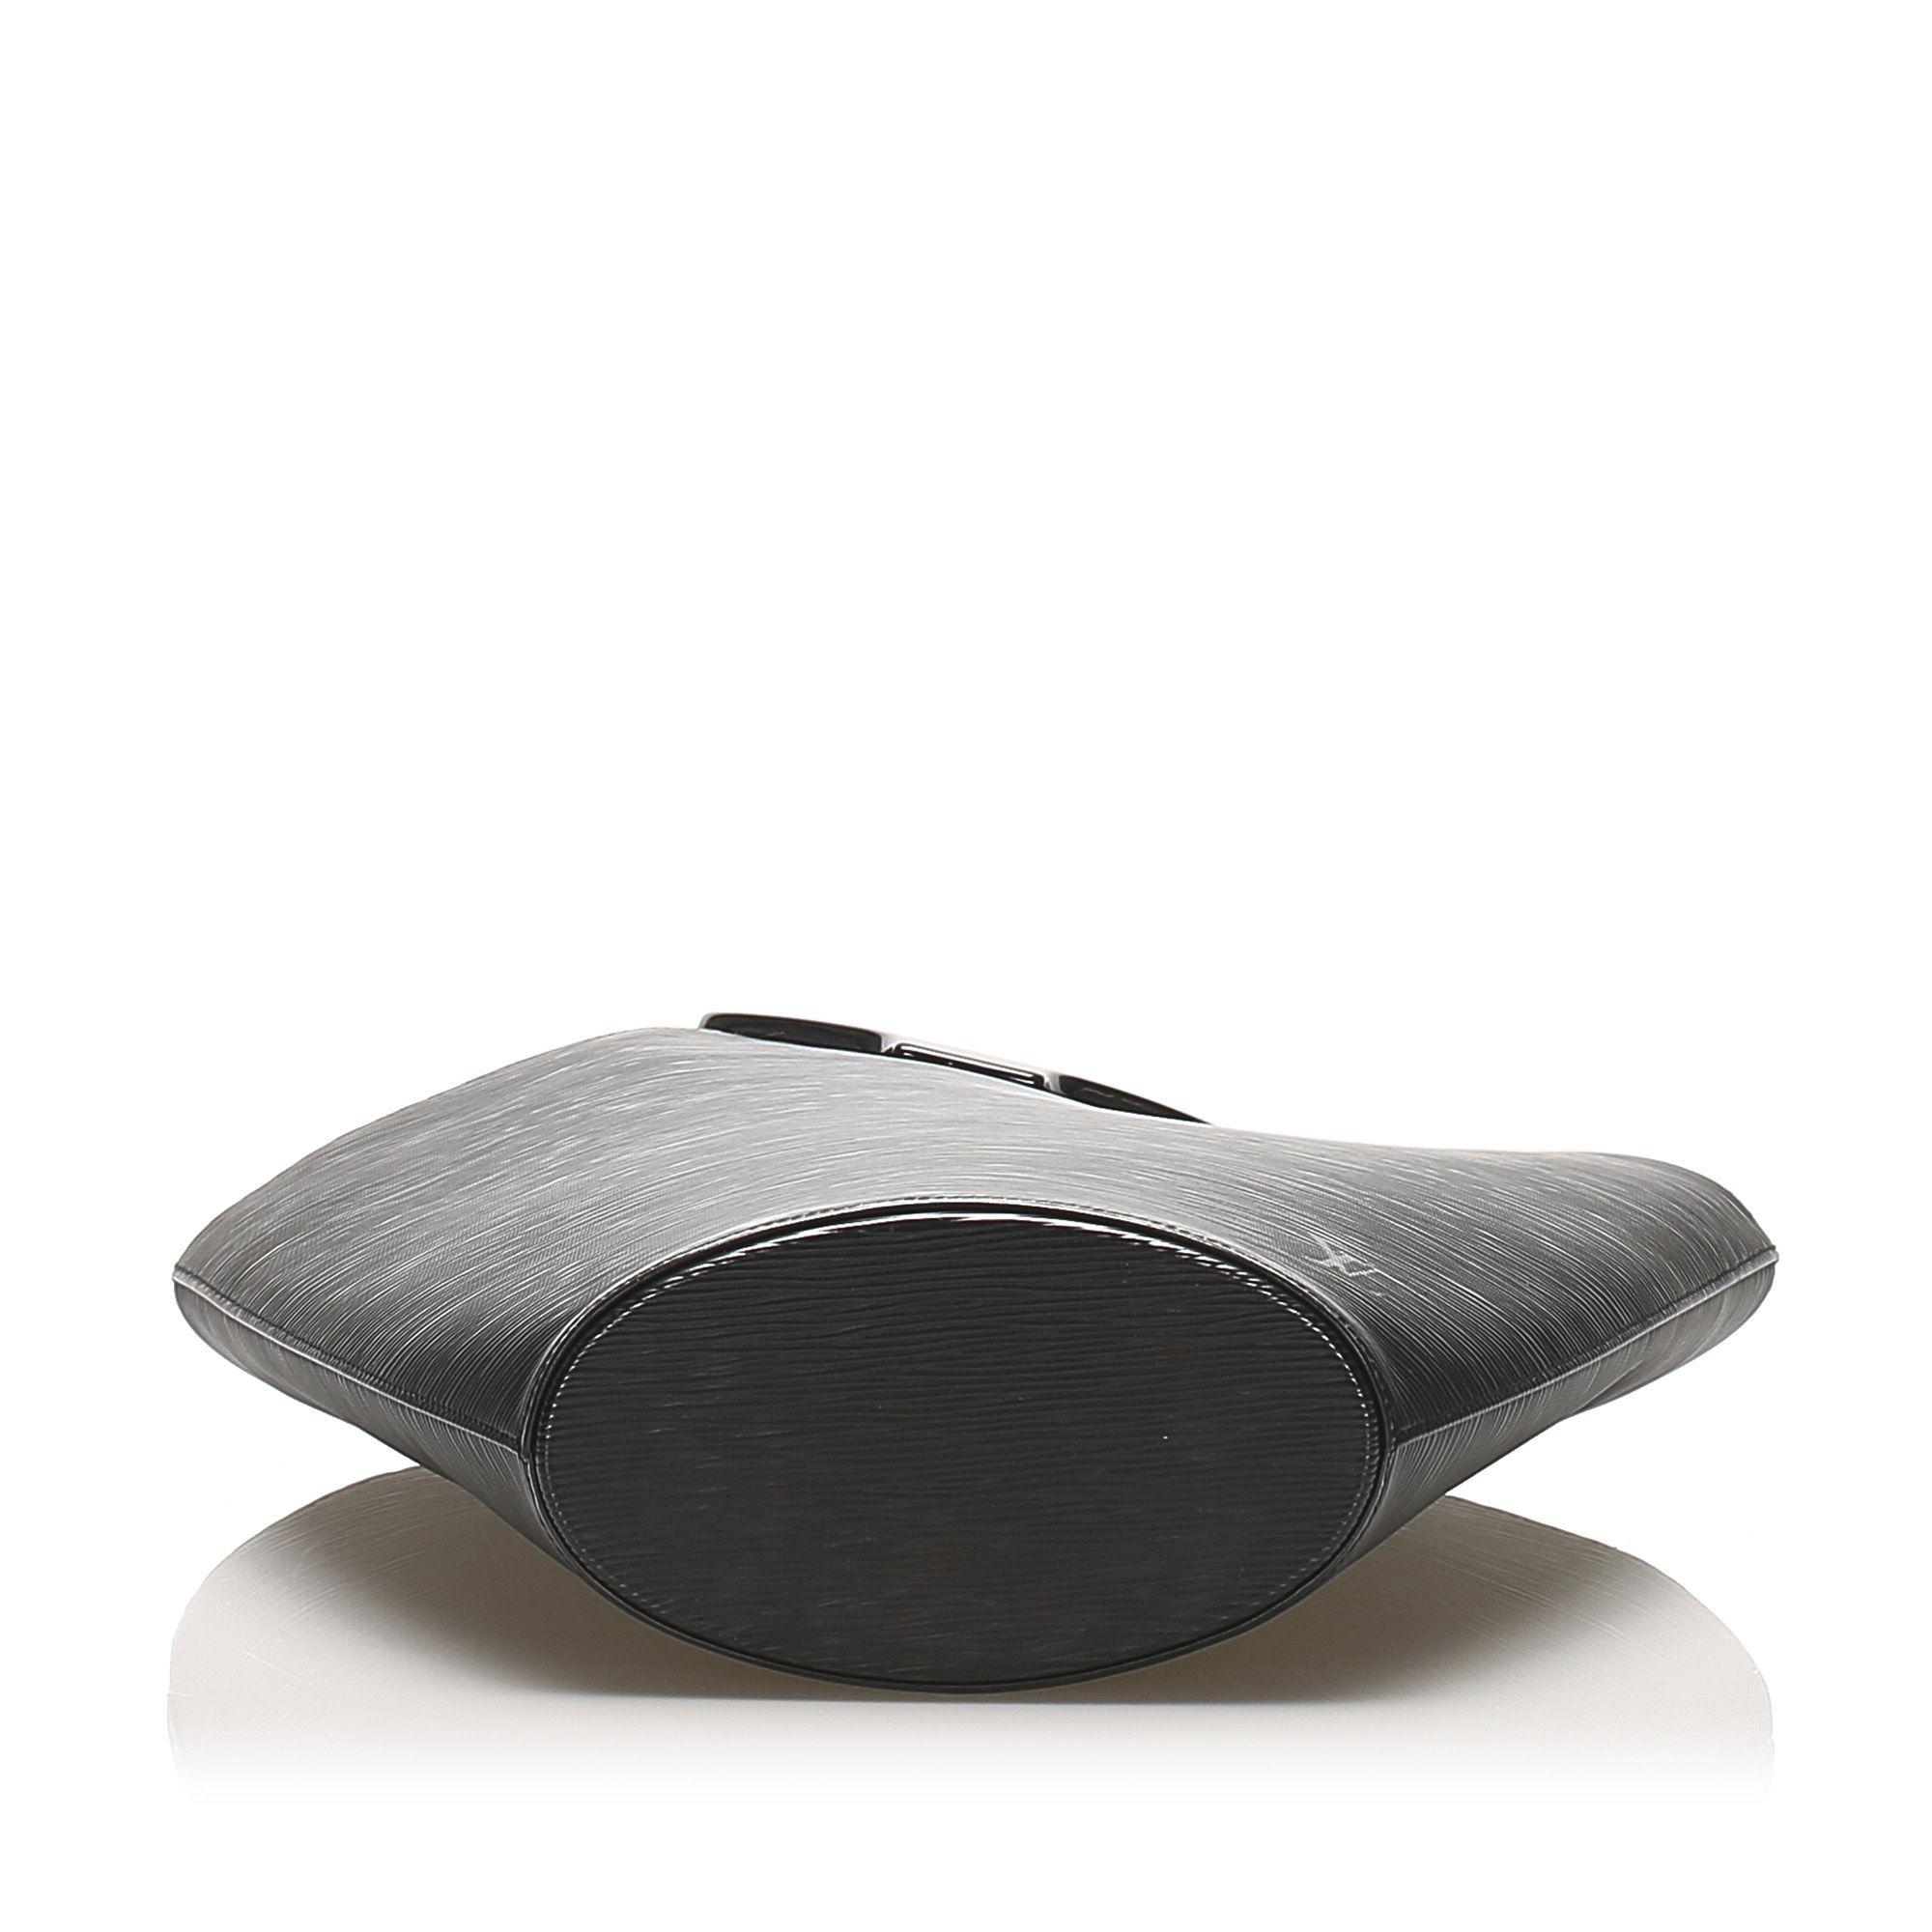 Vintage Louis Vuitton Epi Noctambule Black